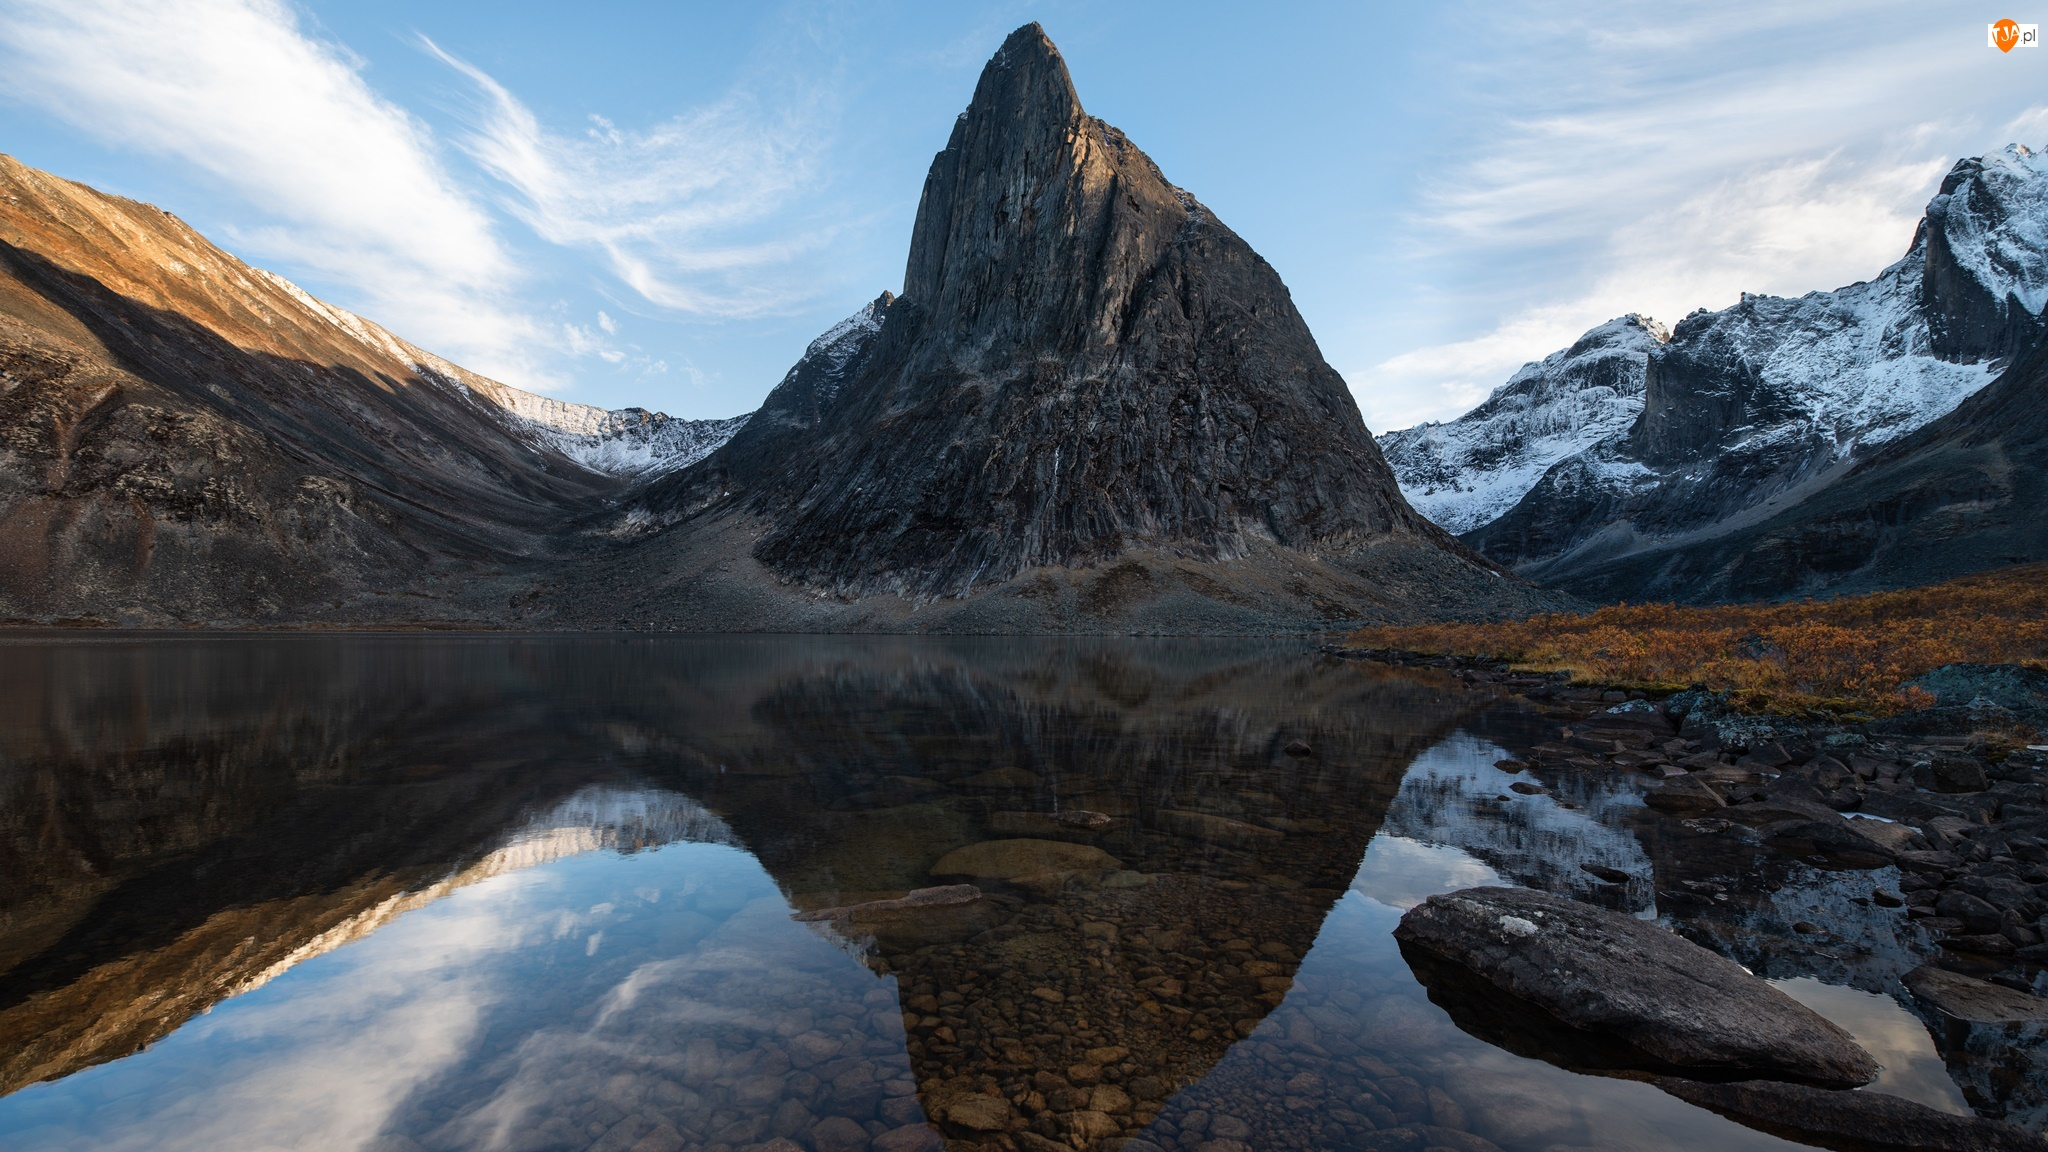 Góry, Śnieg, Kamienie, Jezioro, Szczyt